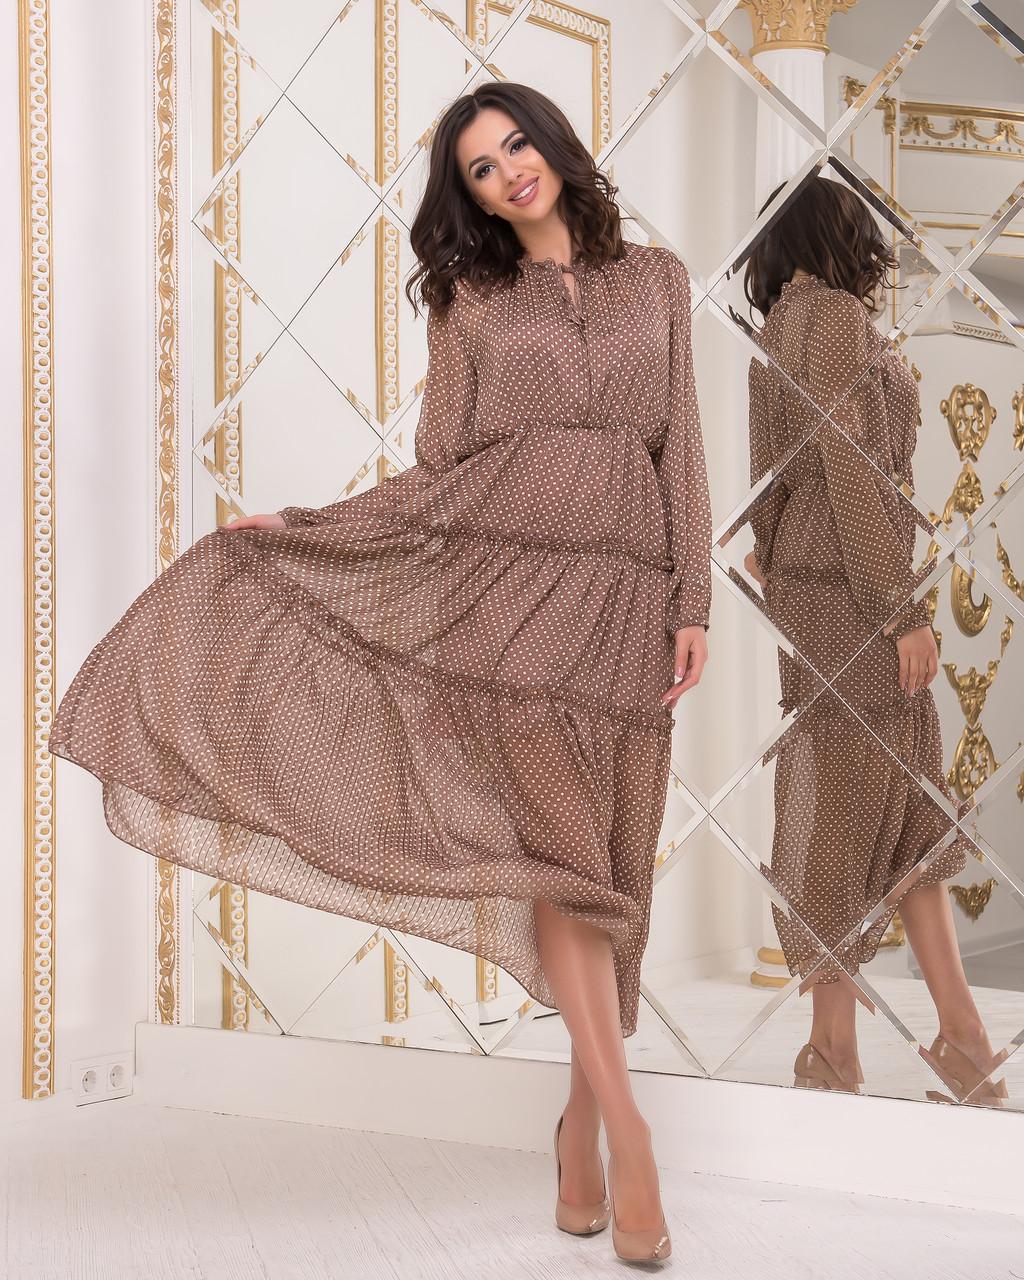 ef4fab6f6f3 Итальянское шифоновое платье в горох от интернет-магазина ...